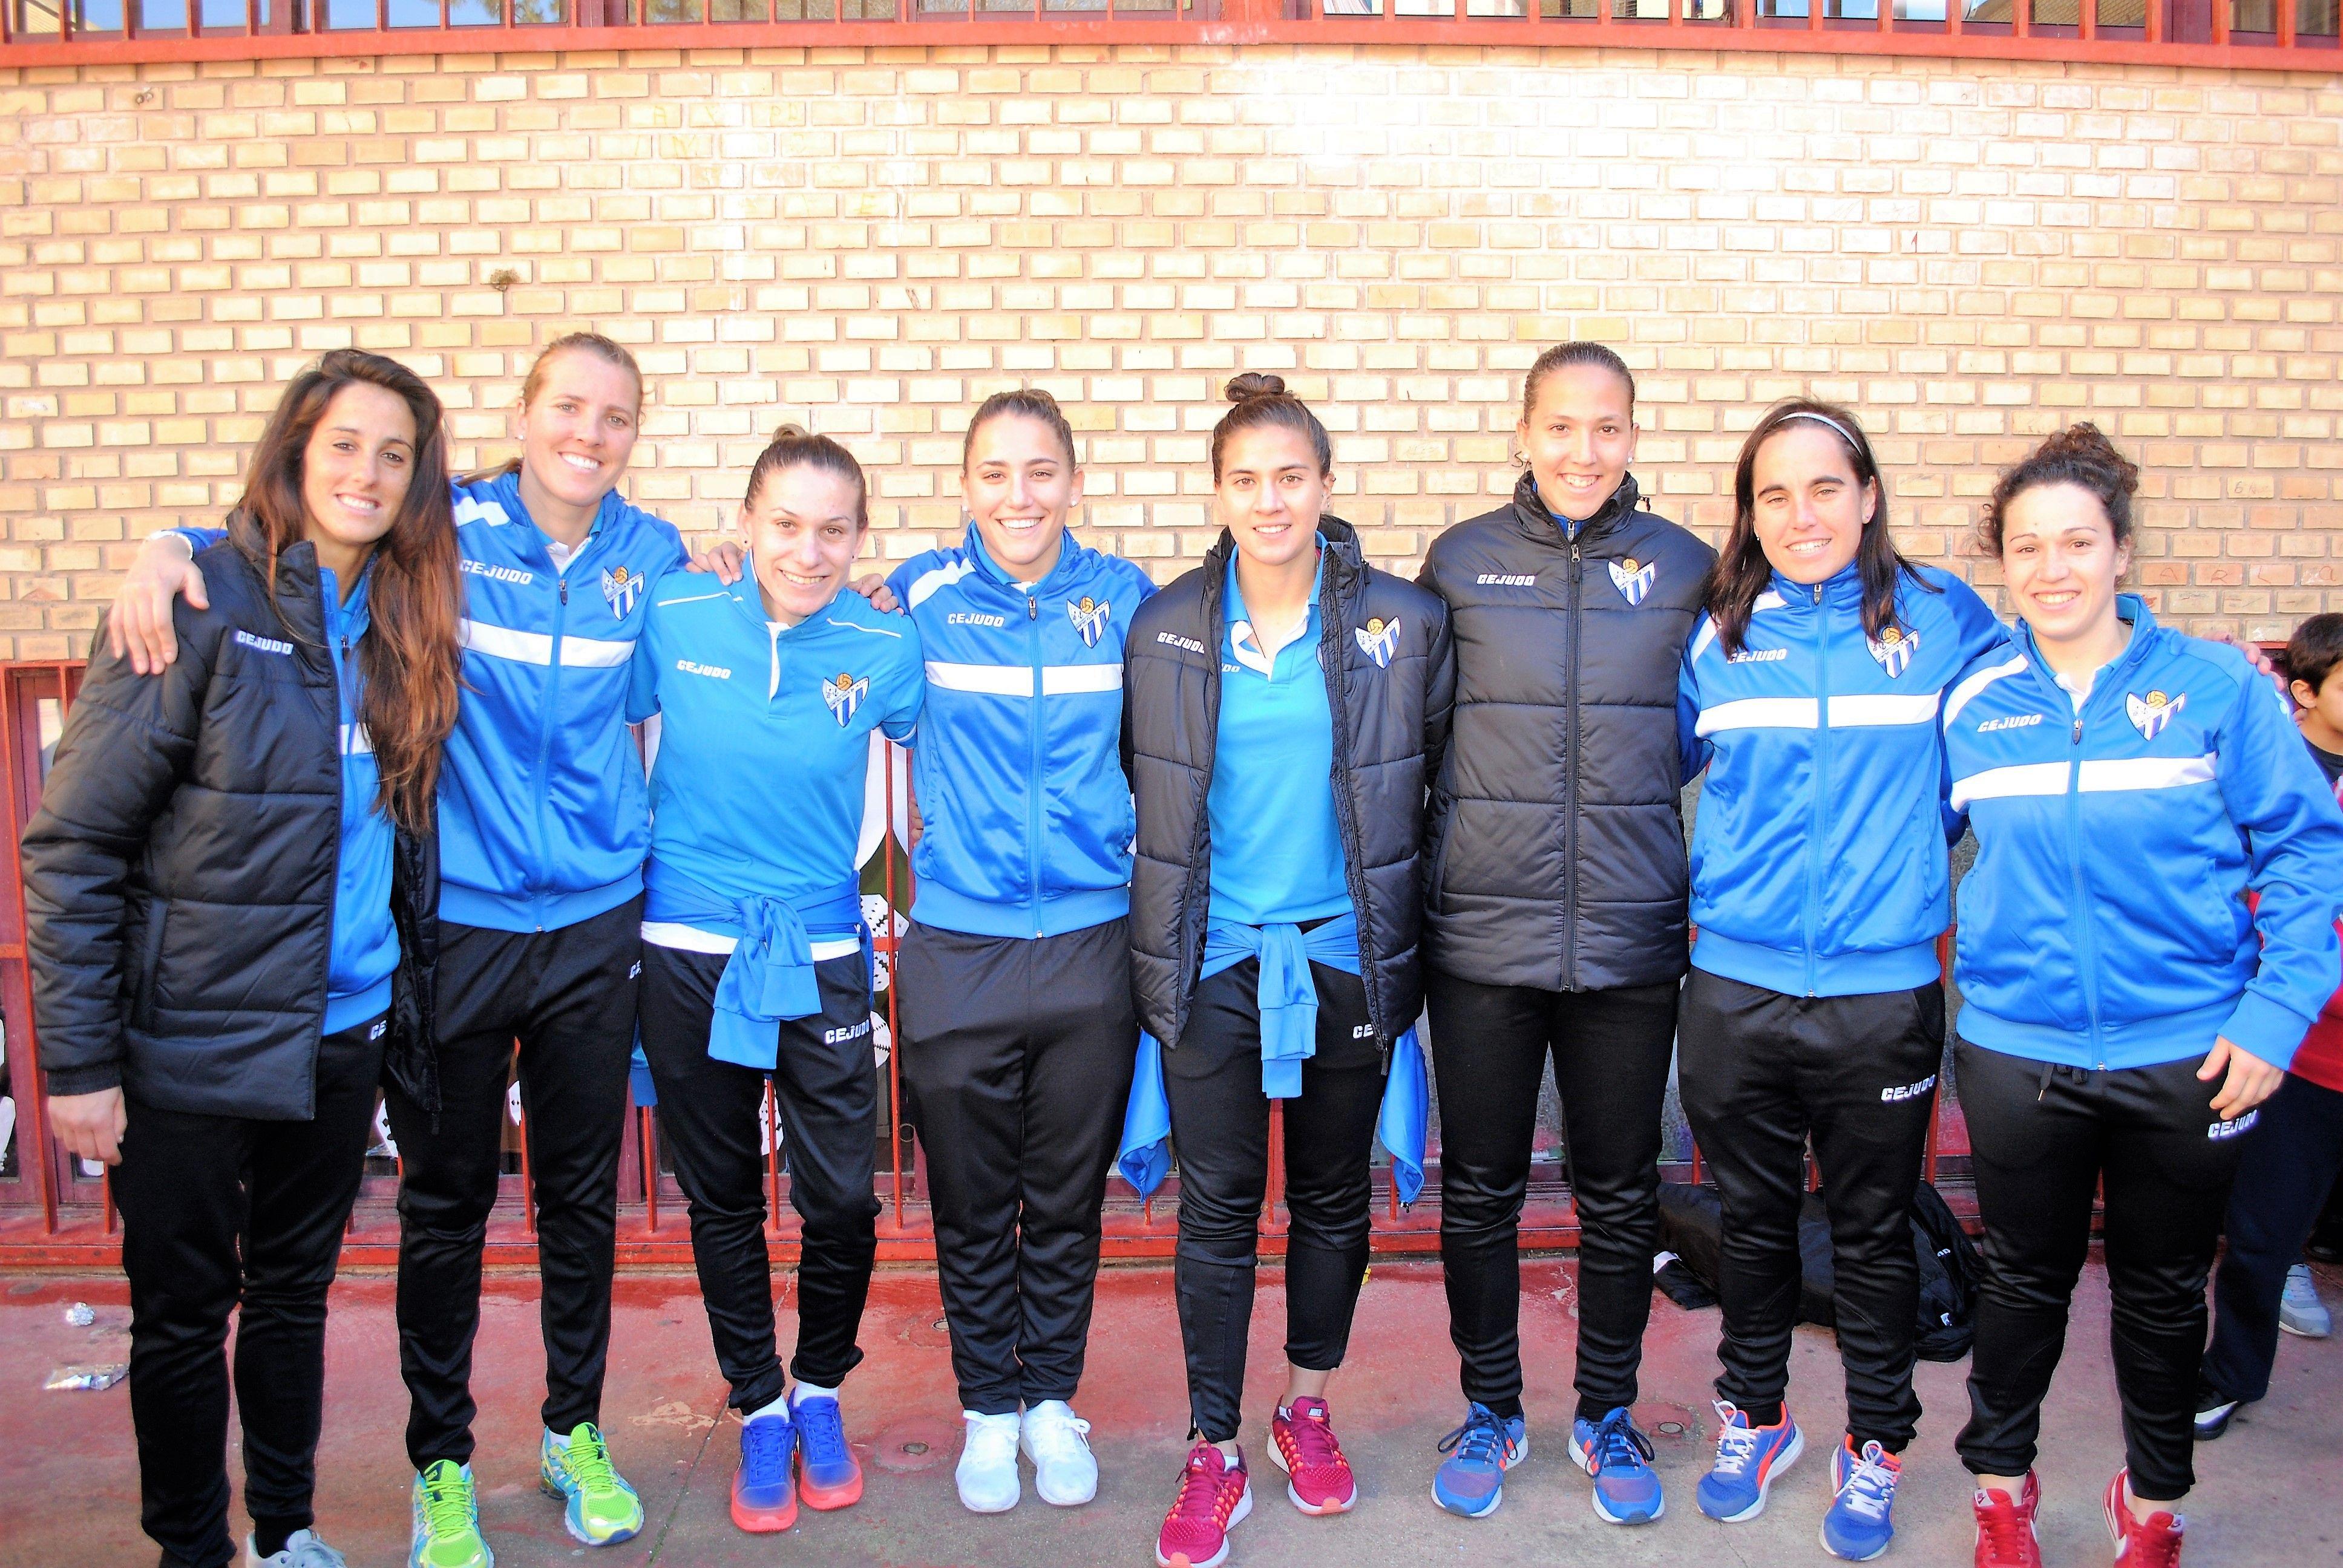 Fundación Cajasol Sporting Club de Huelva